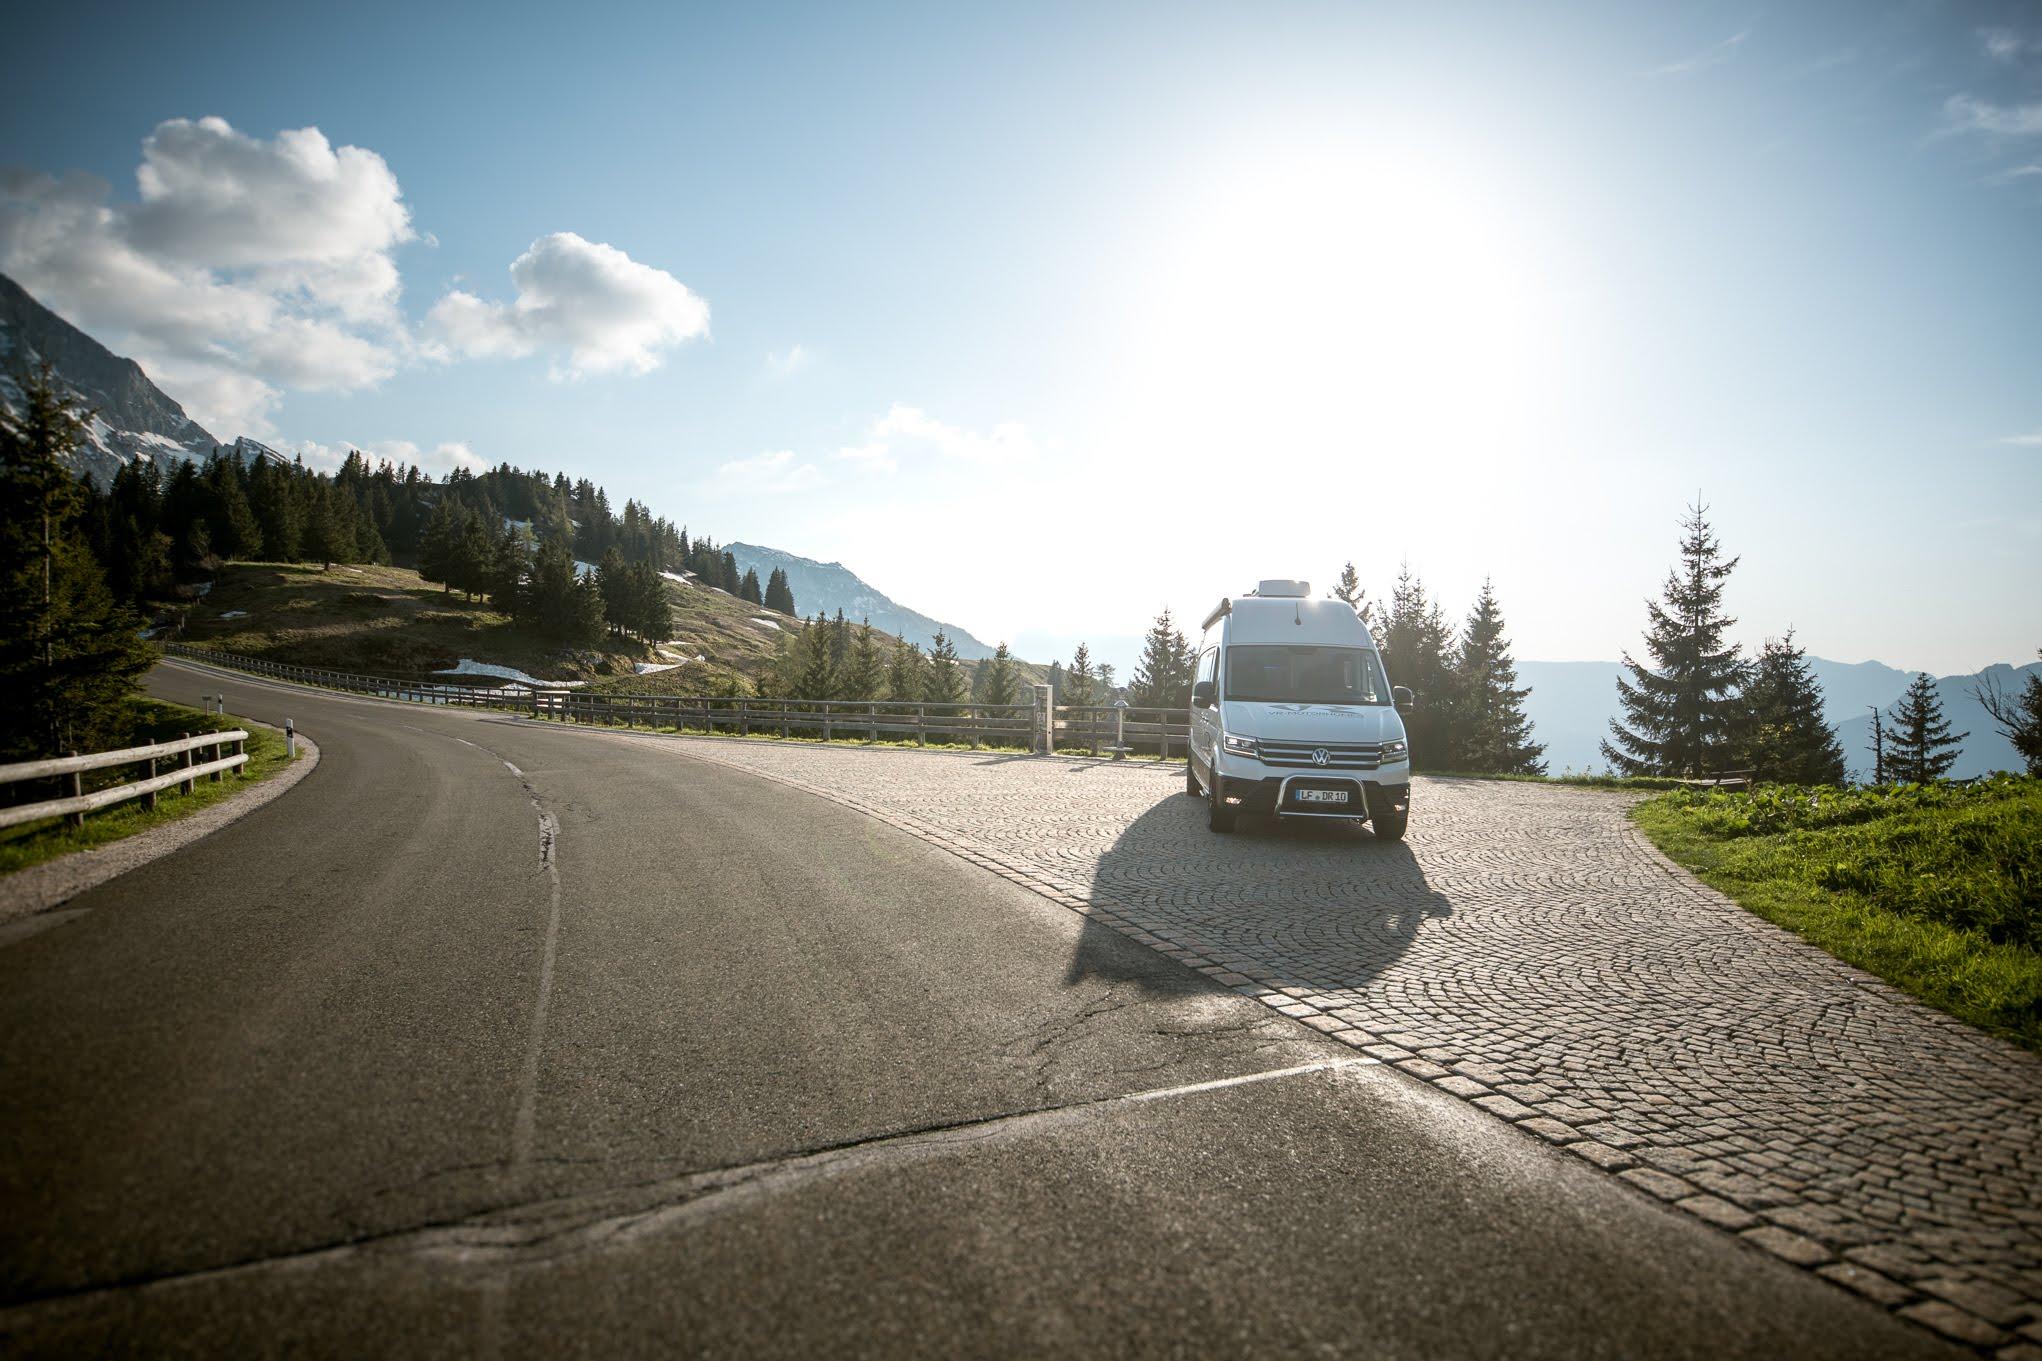 grosser kastenwagen groesster transporter vw crafter vr-motorhomes